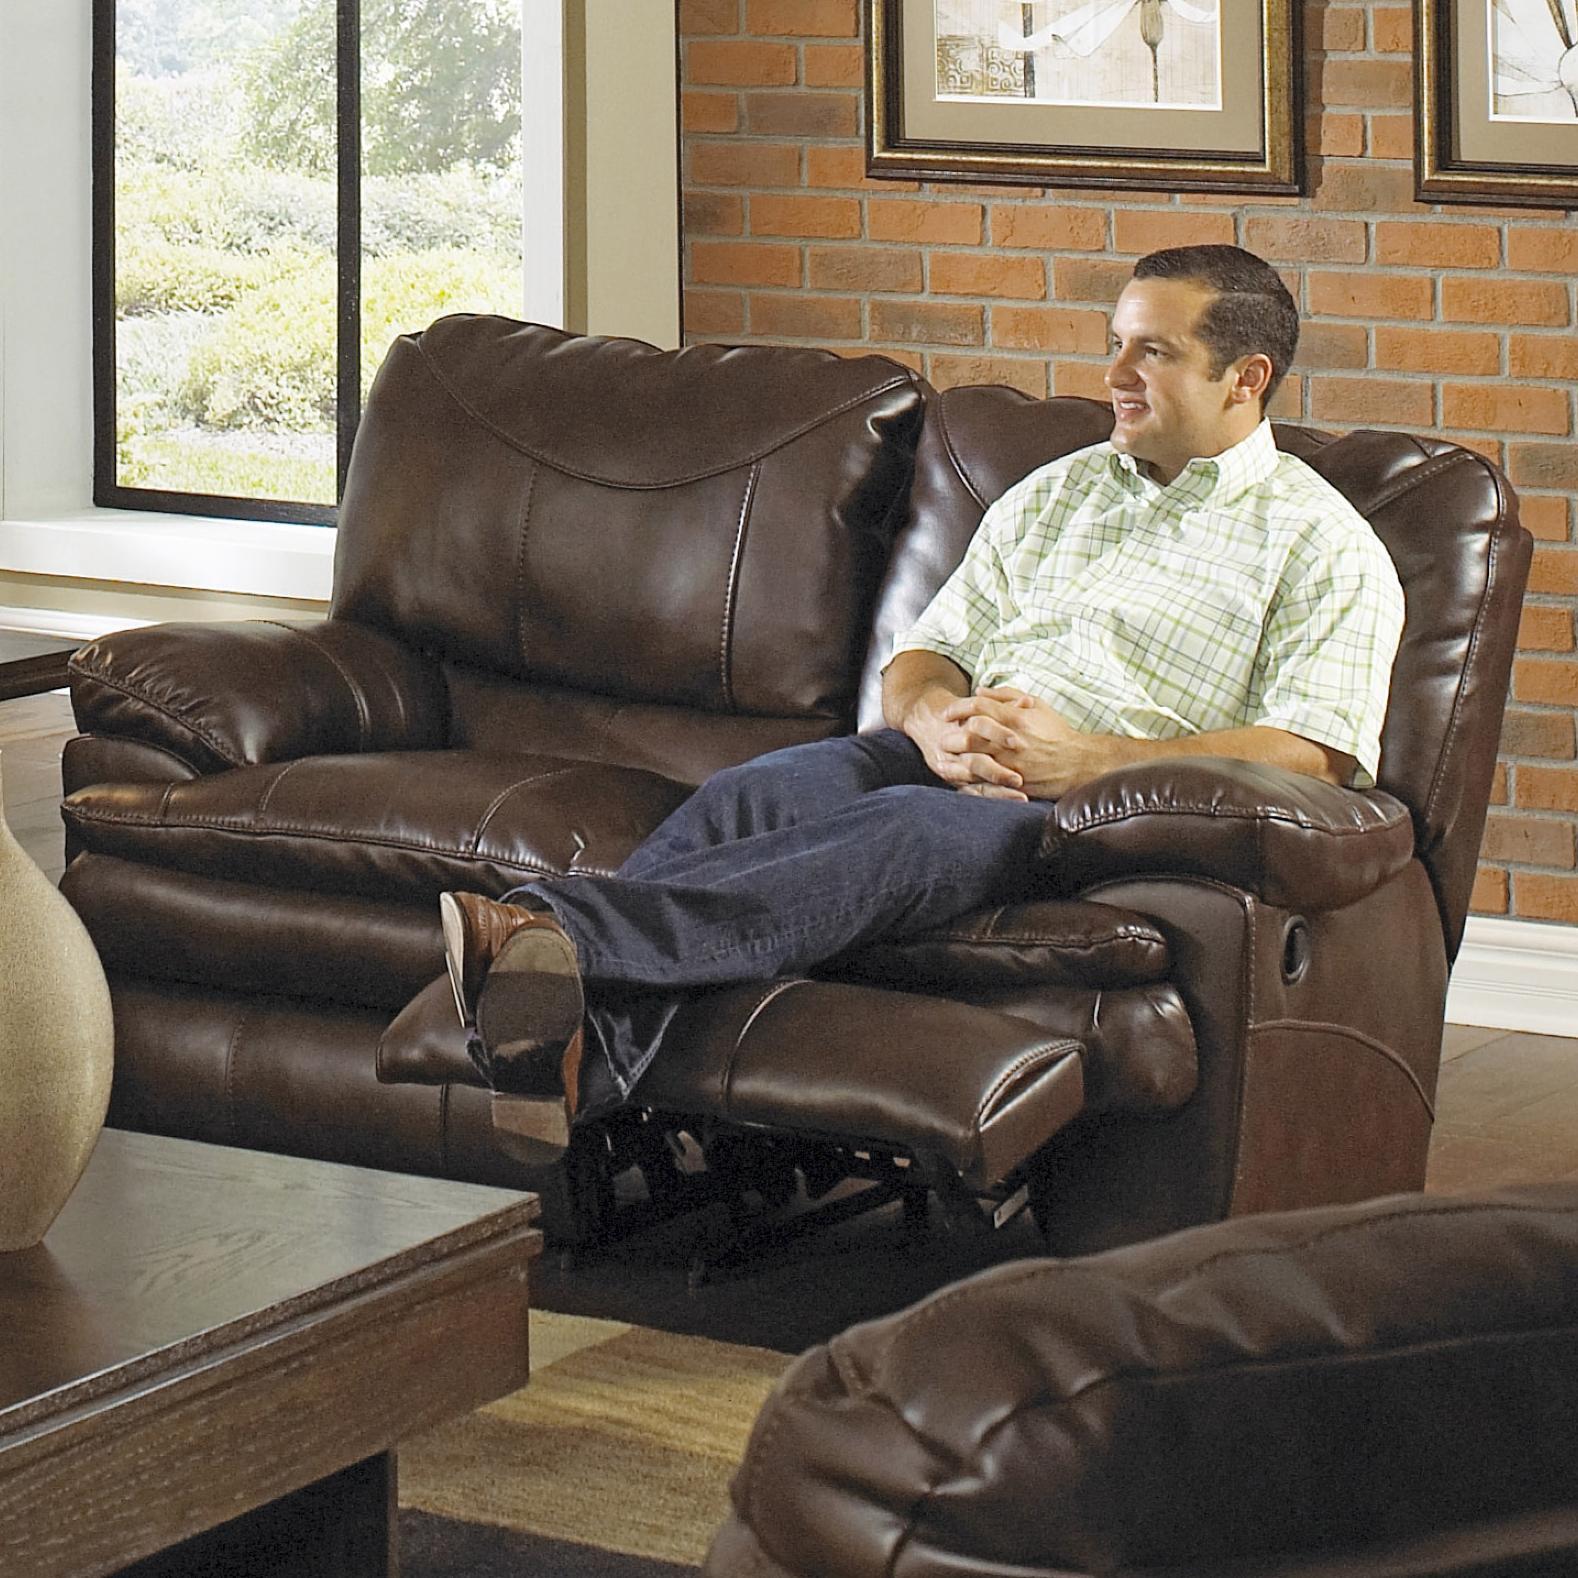 Catnapper Furniture Customer Service Sage Furniture Catnapper Sofa Reviews Catnapper